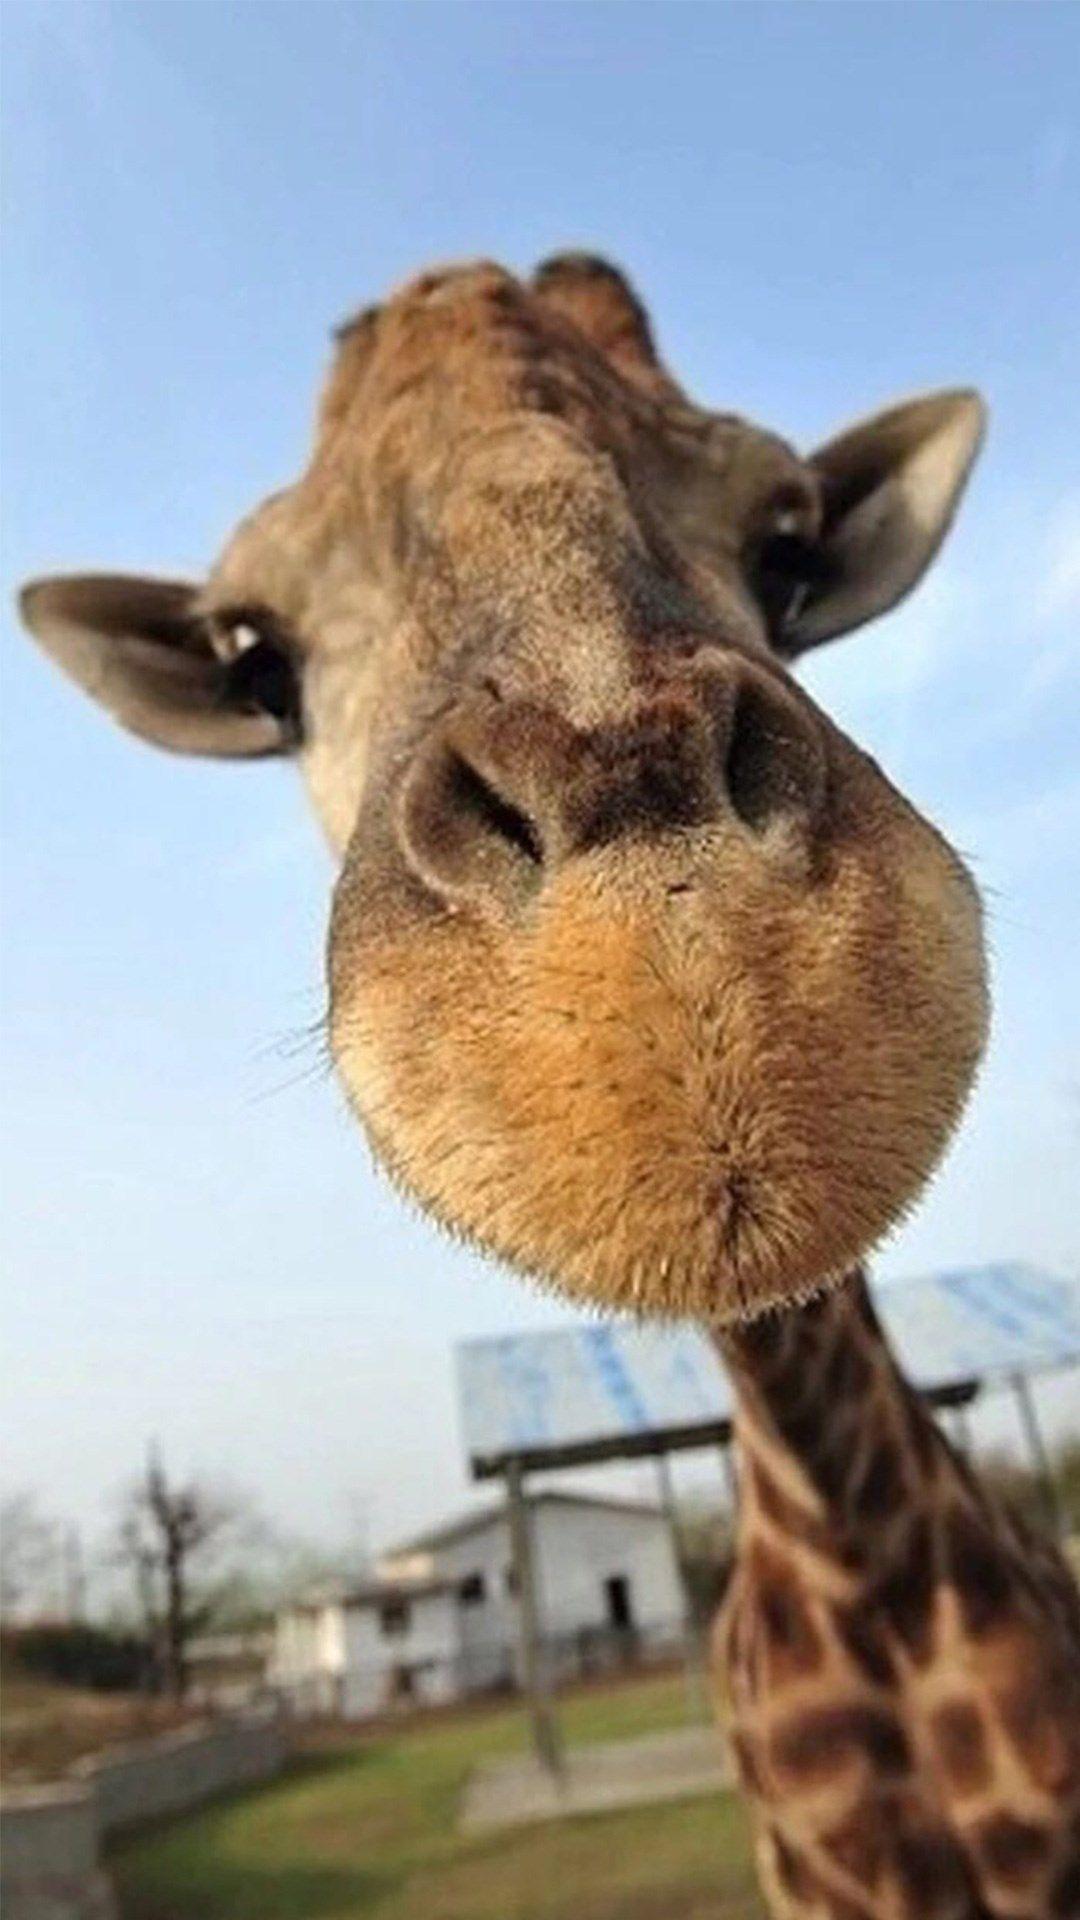 Cute Funny Giraffe Macro Face Animal iPhone 6 wallpaper